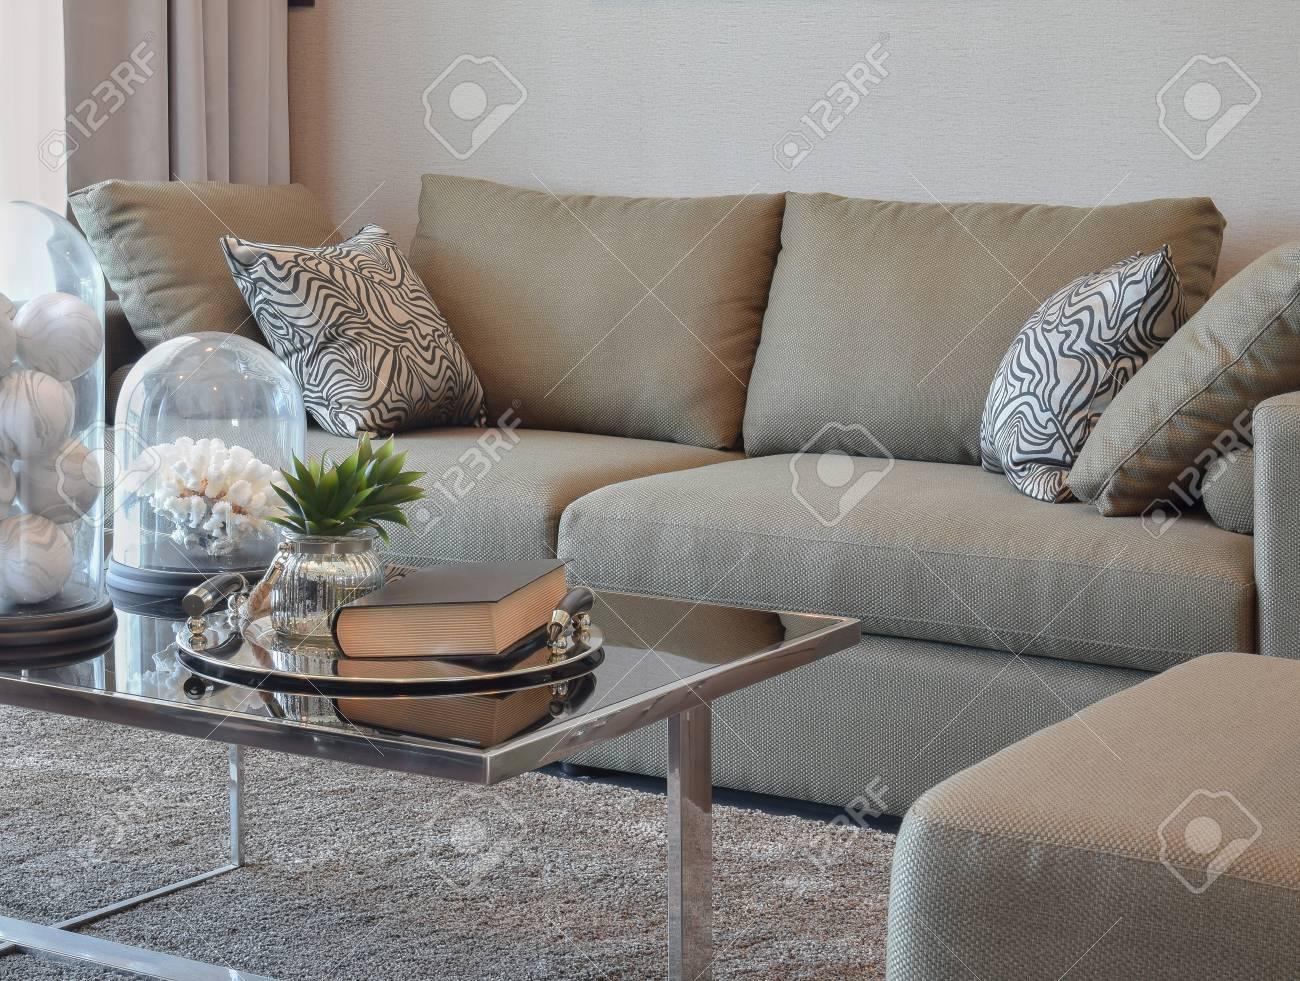 Canapé en velours, tendance déco - ClemAroundTheCorner